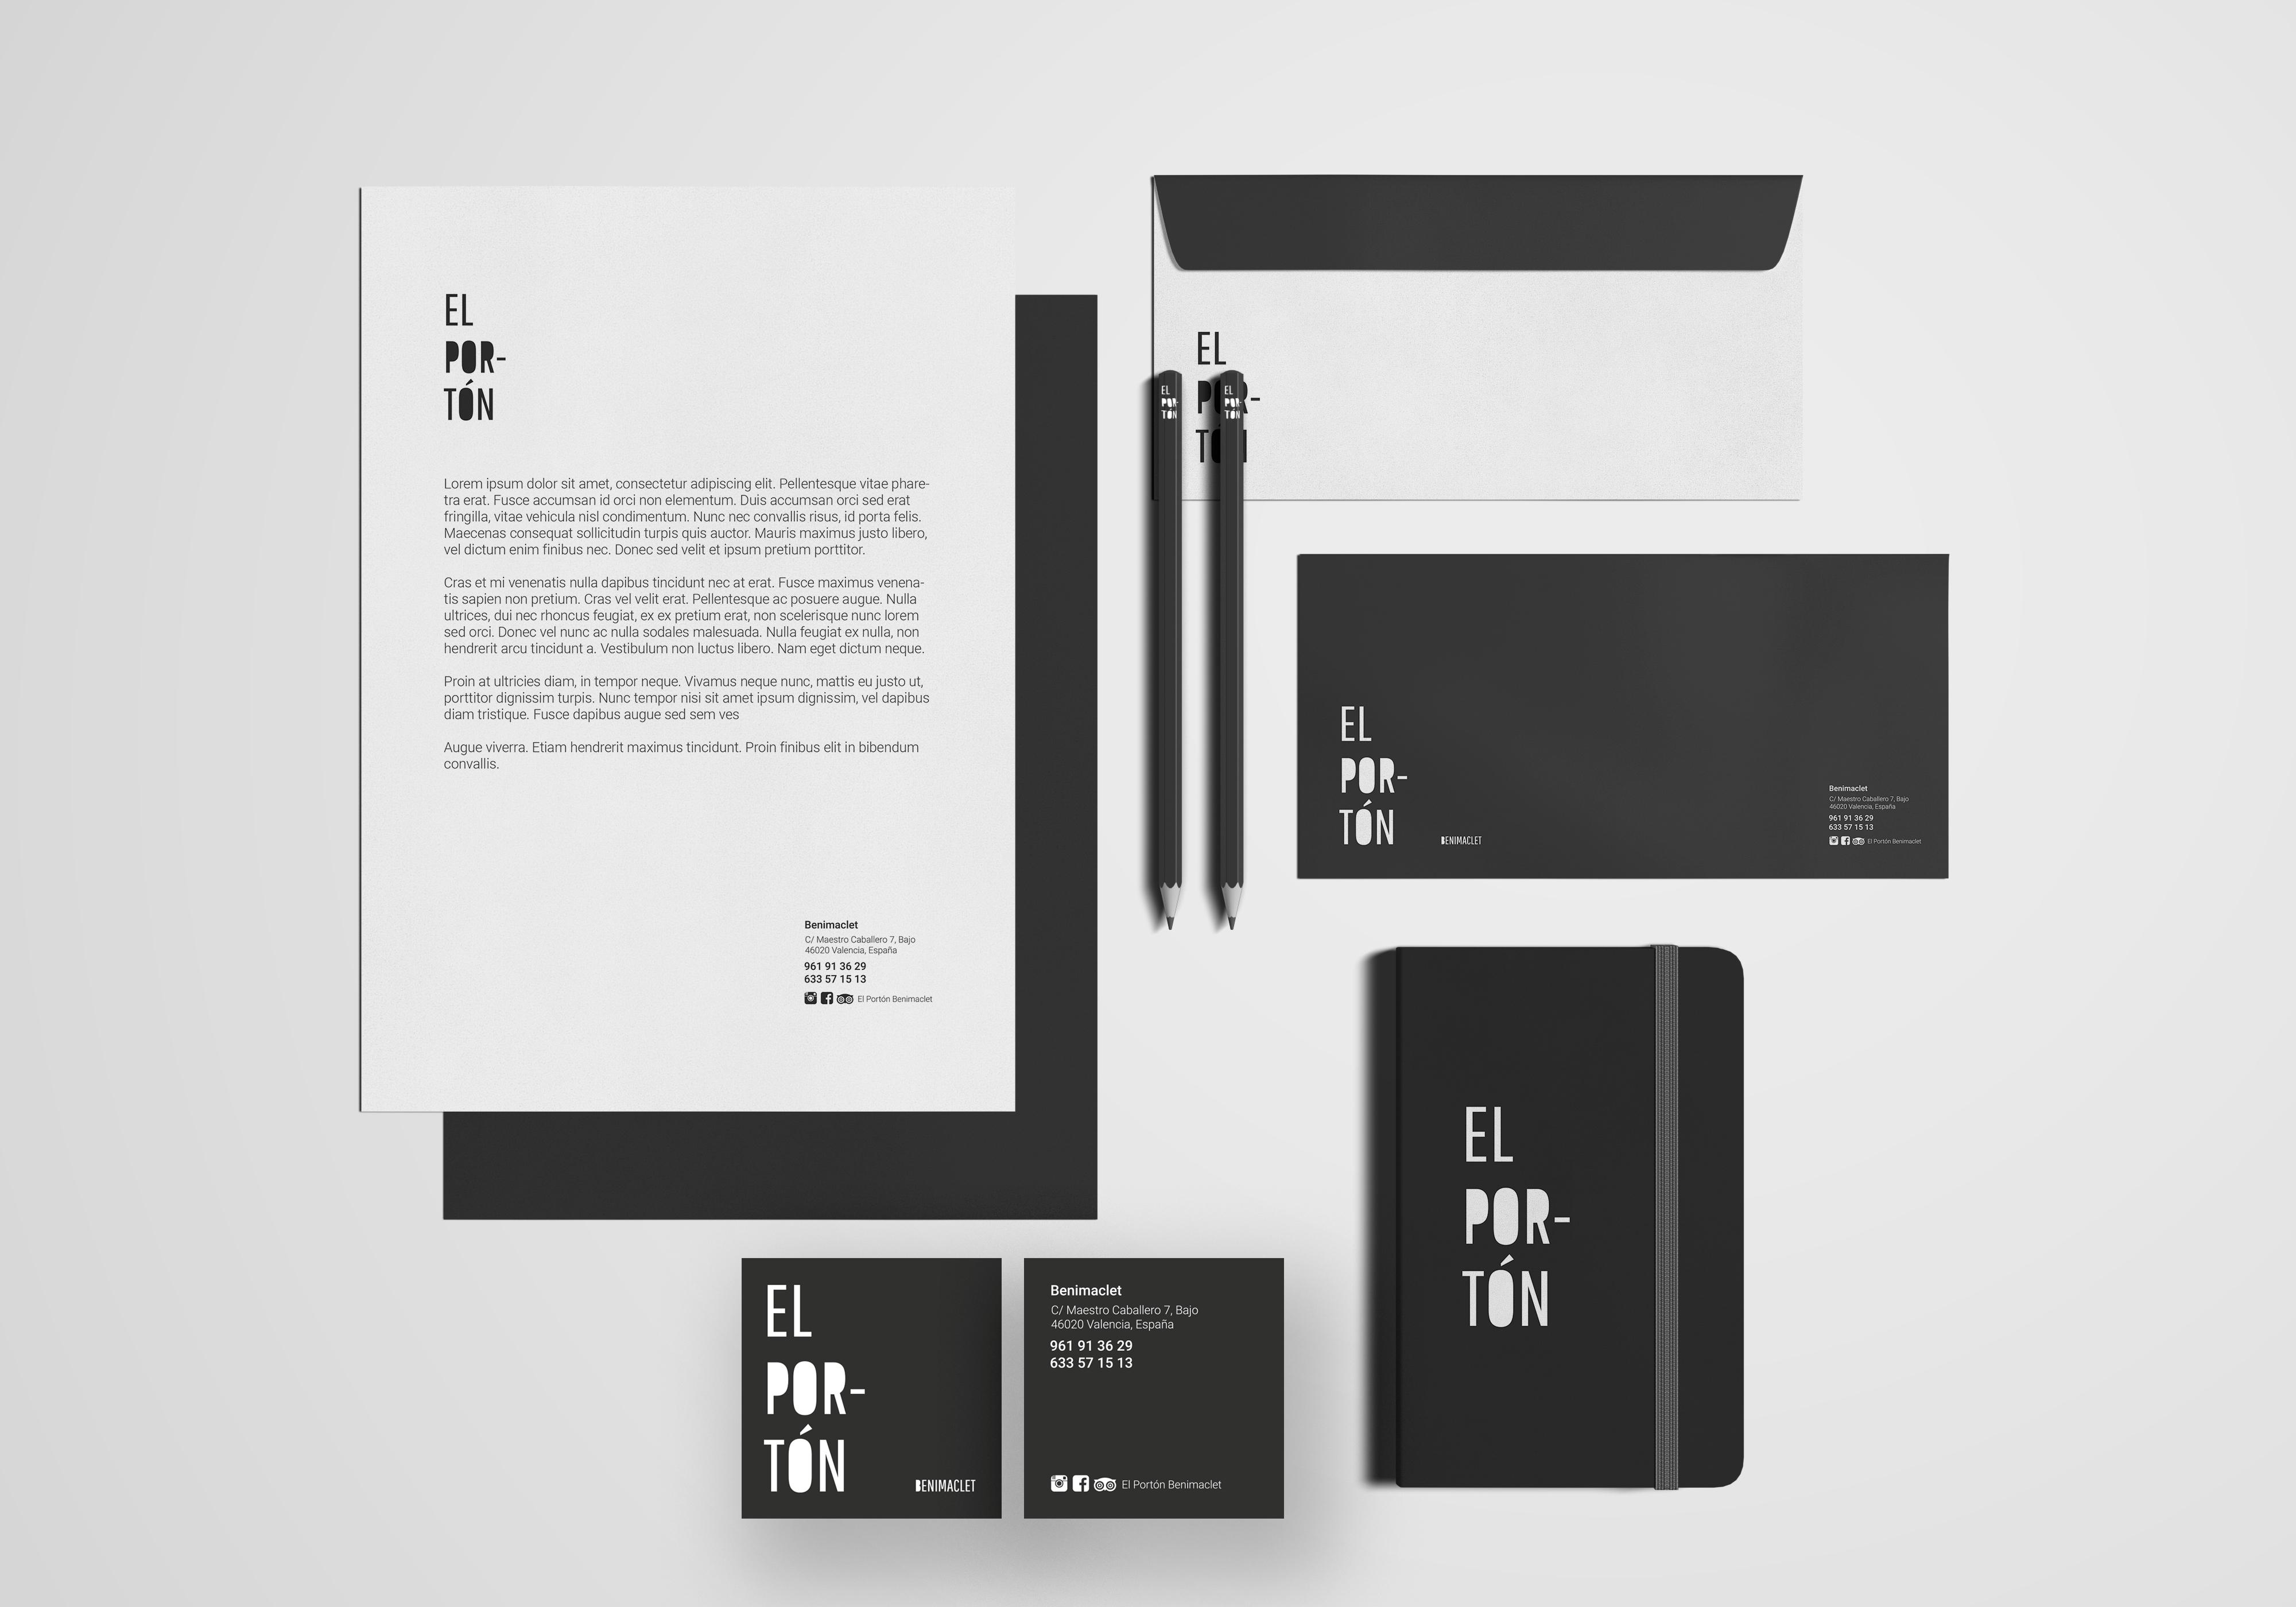 Mockup-branding-identidad-corporativa-el-porton-restaurante archicercle project